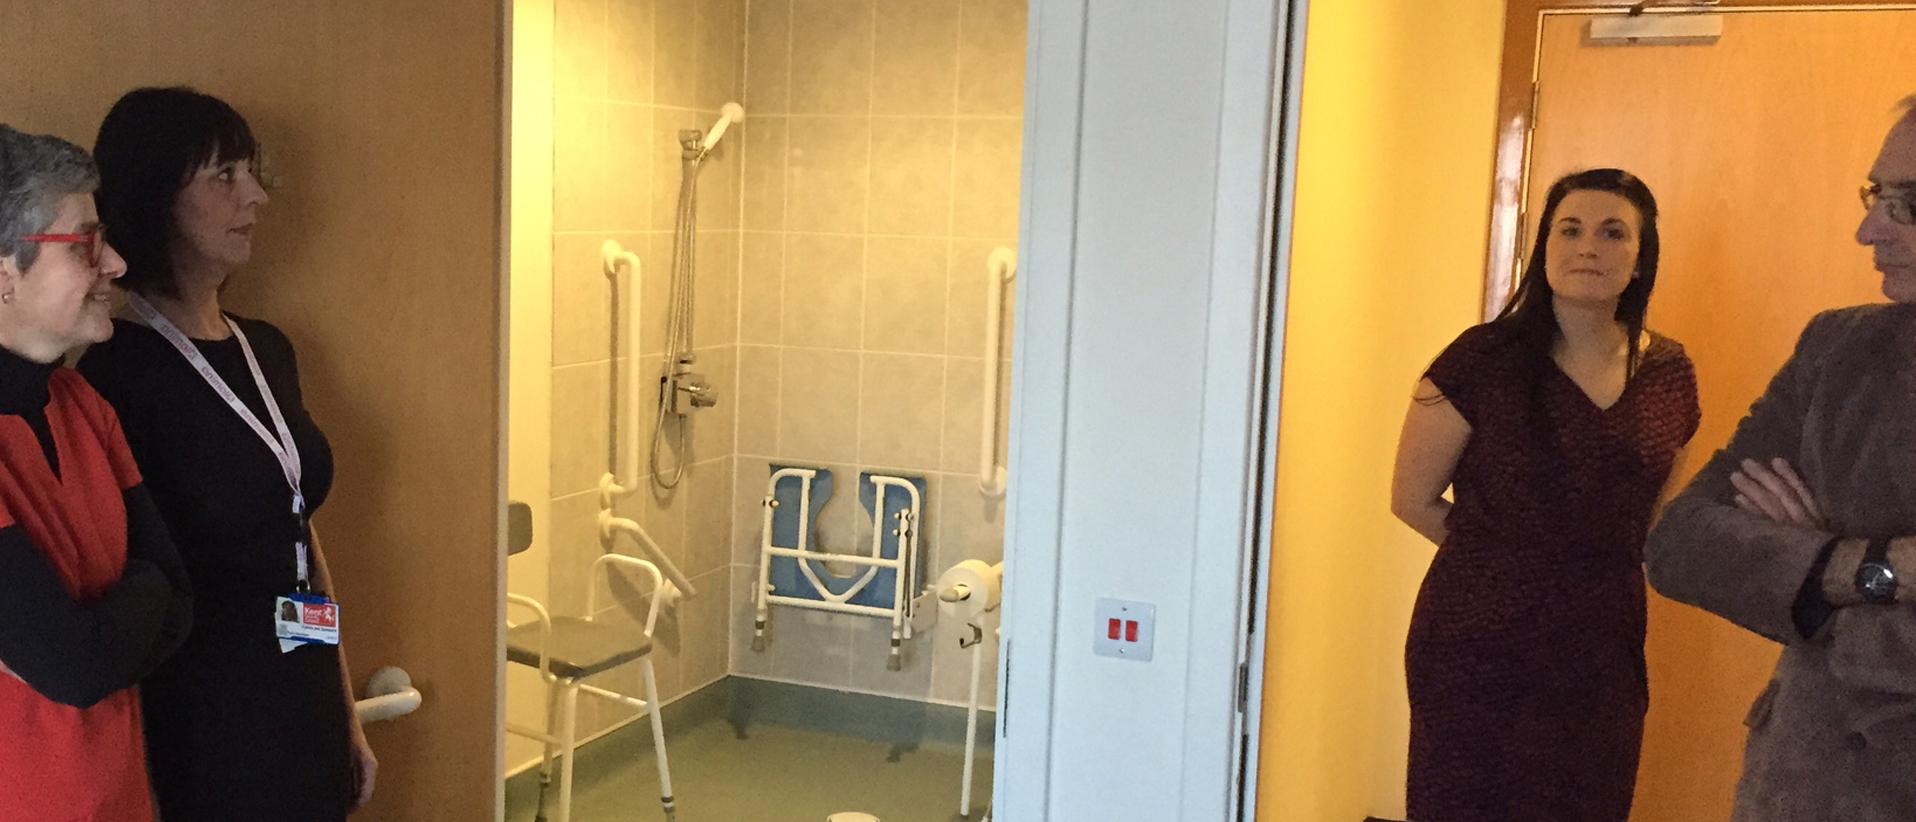 Zeeland Living Room goes to UK